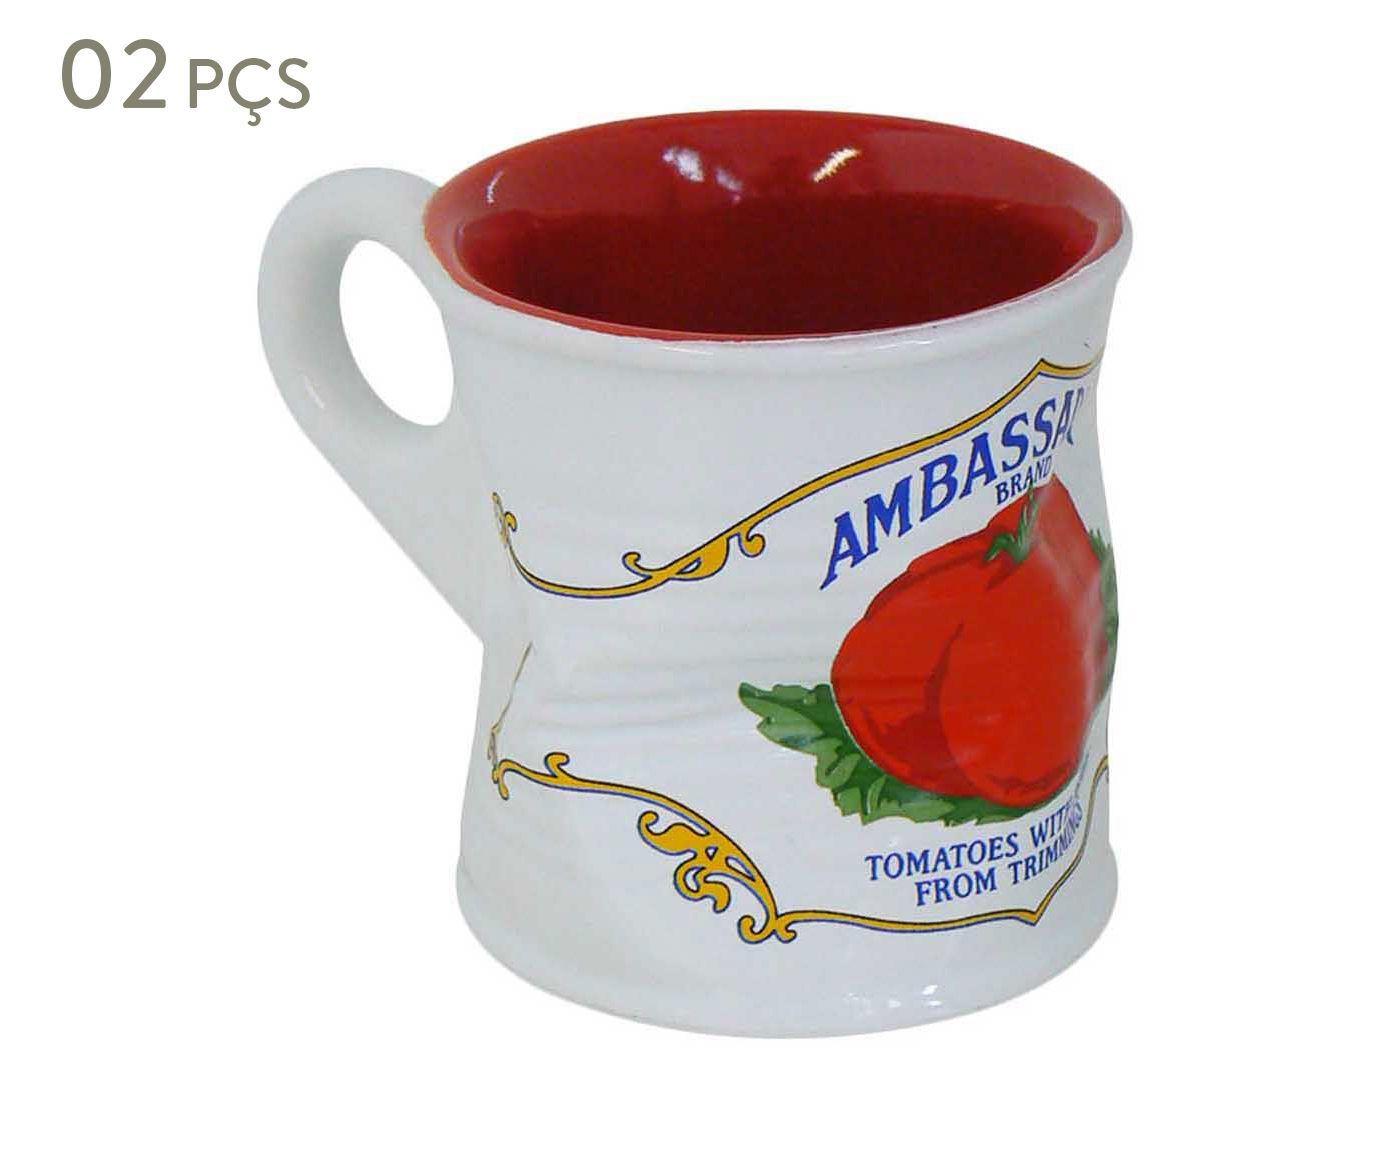 Conjunto de Xícaras para café mashed ambassador - 70 ml | Westwing.com.br